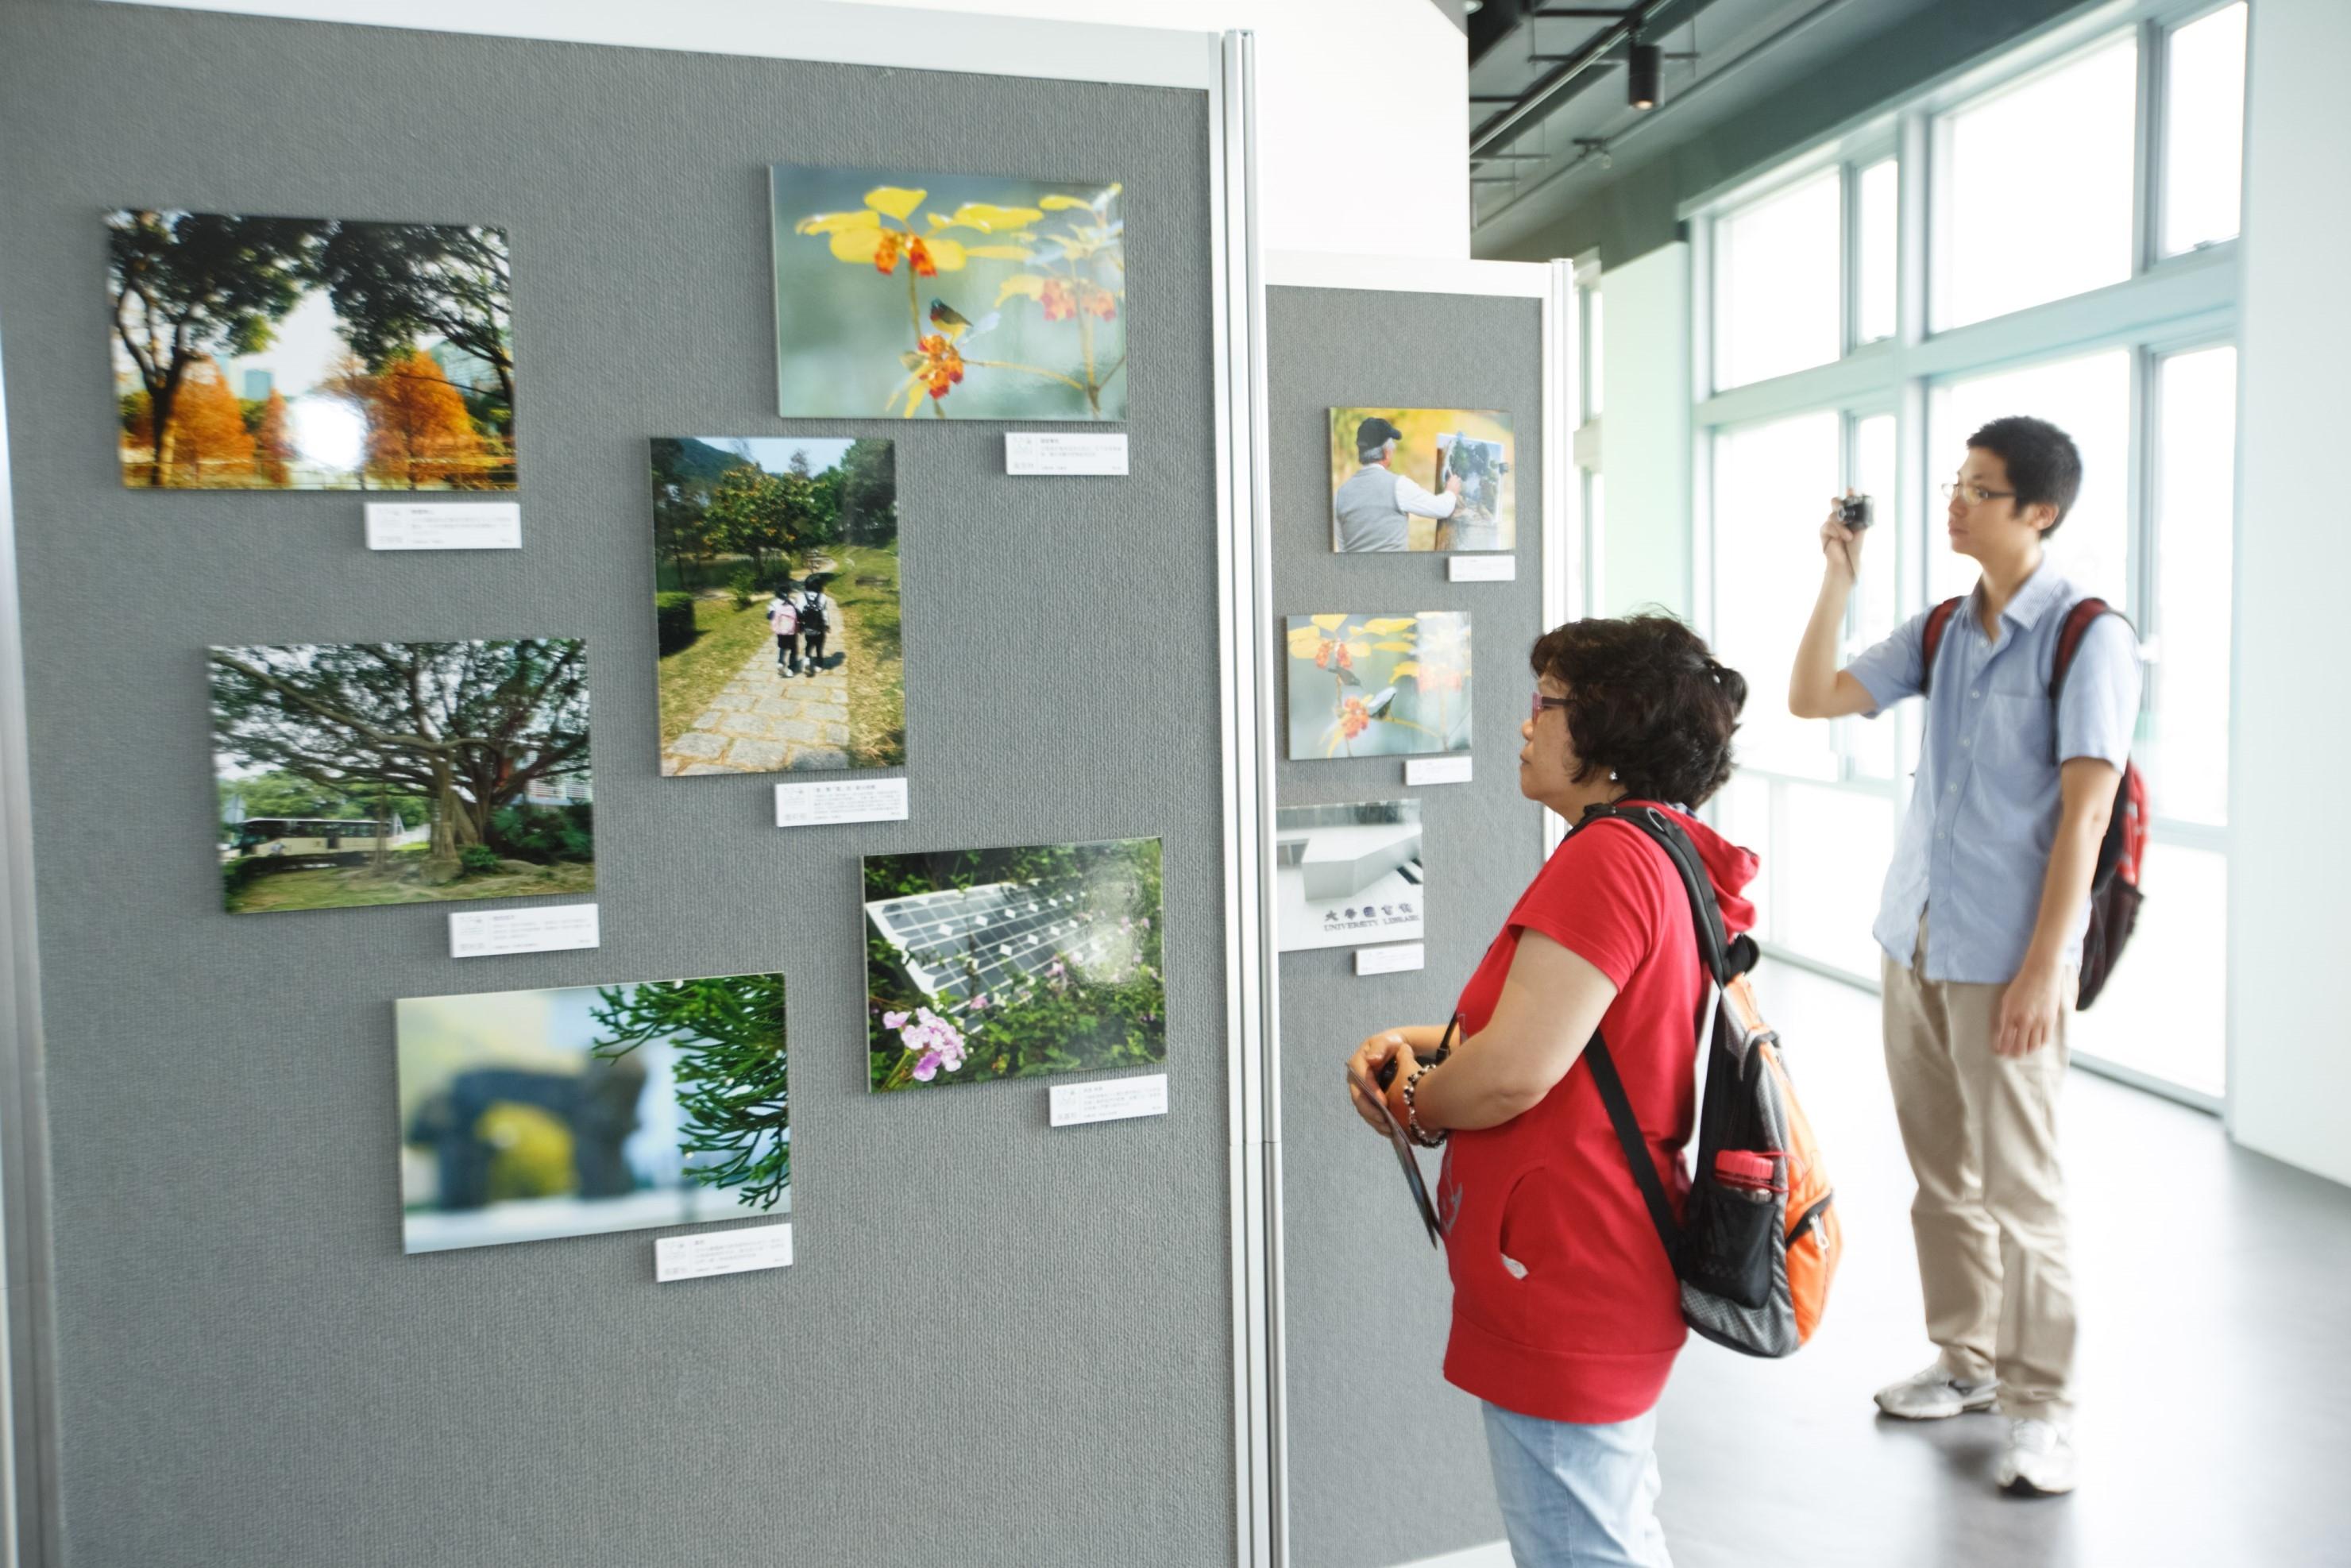 36帧参赛作品于赛马会气候变化博物馆展出。